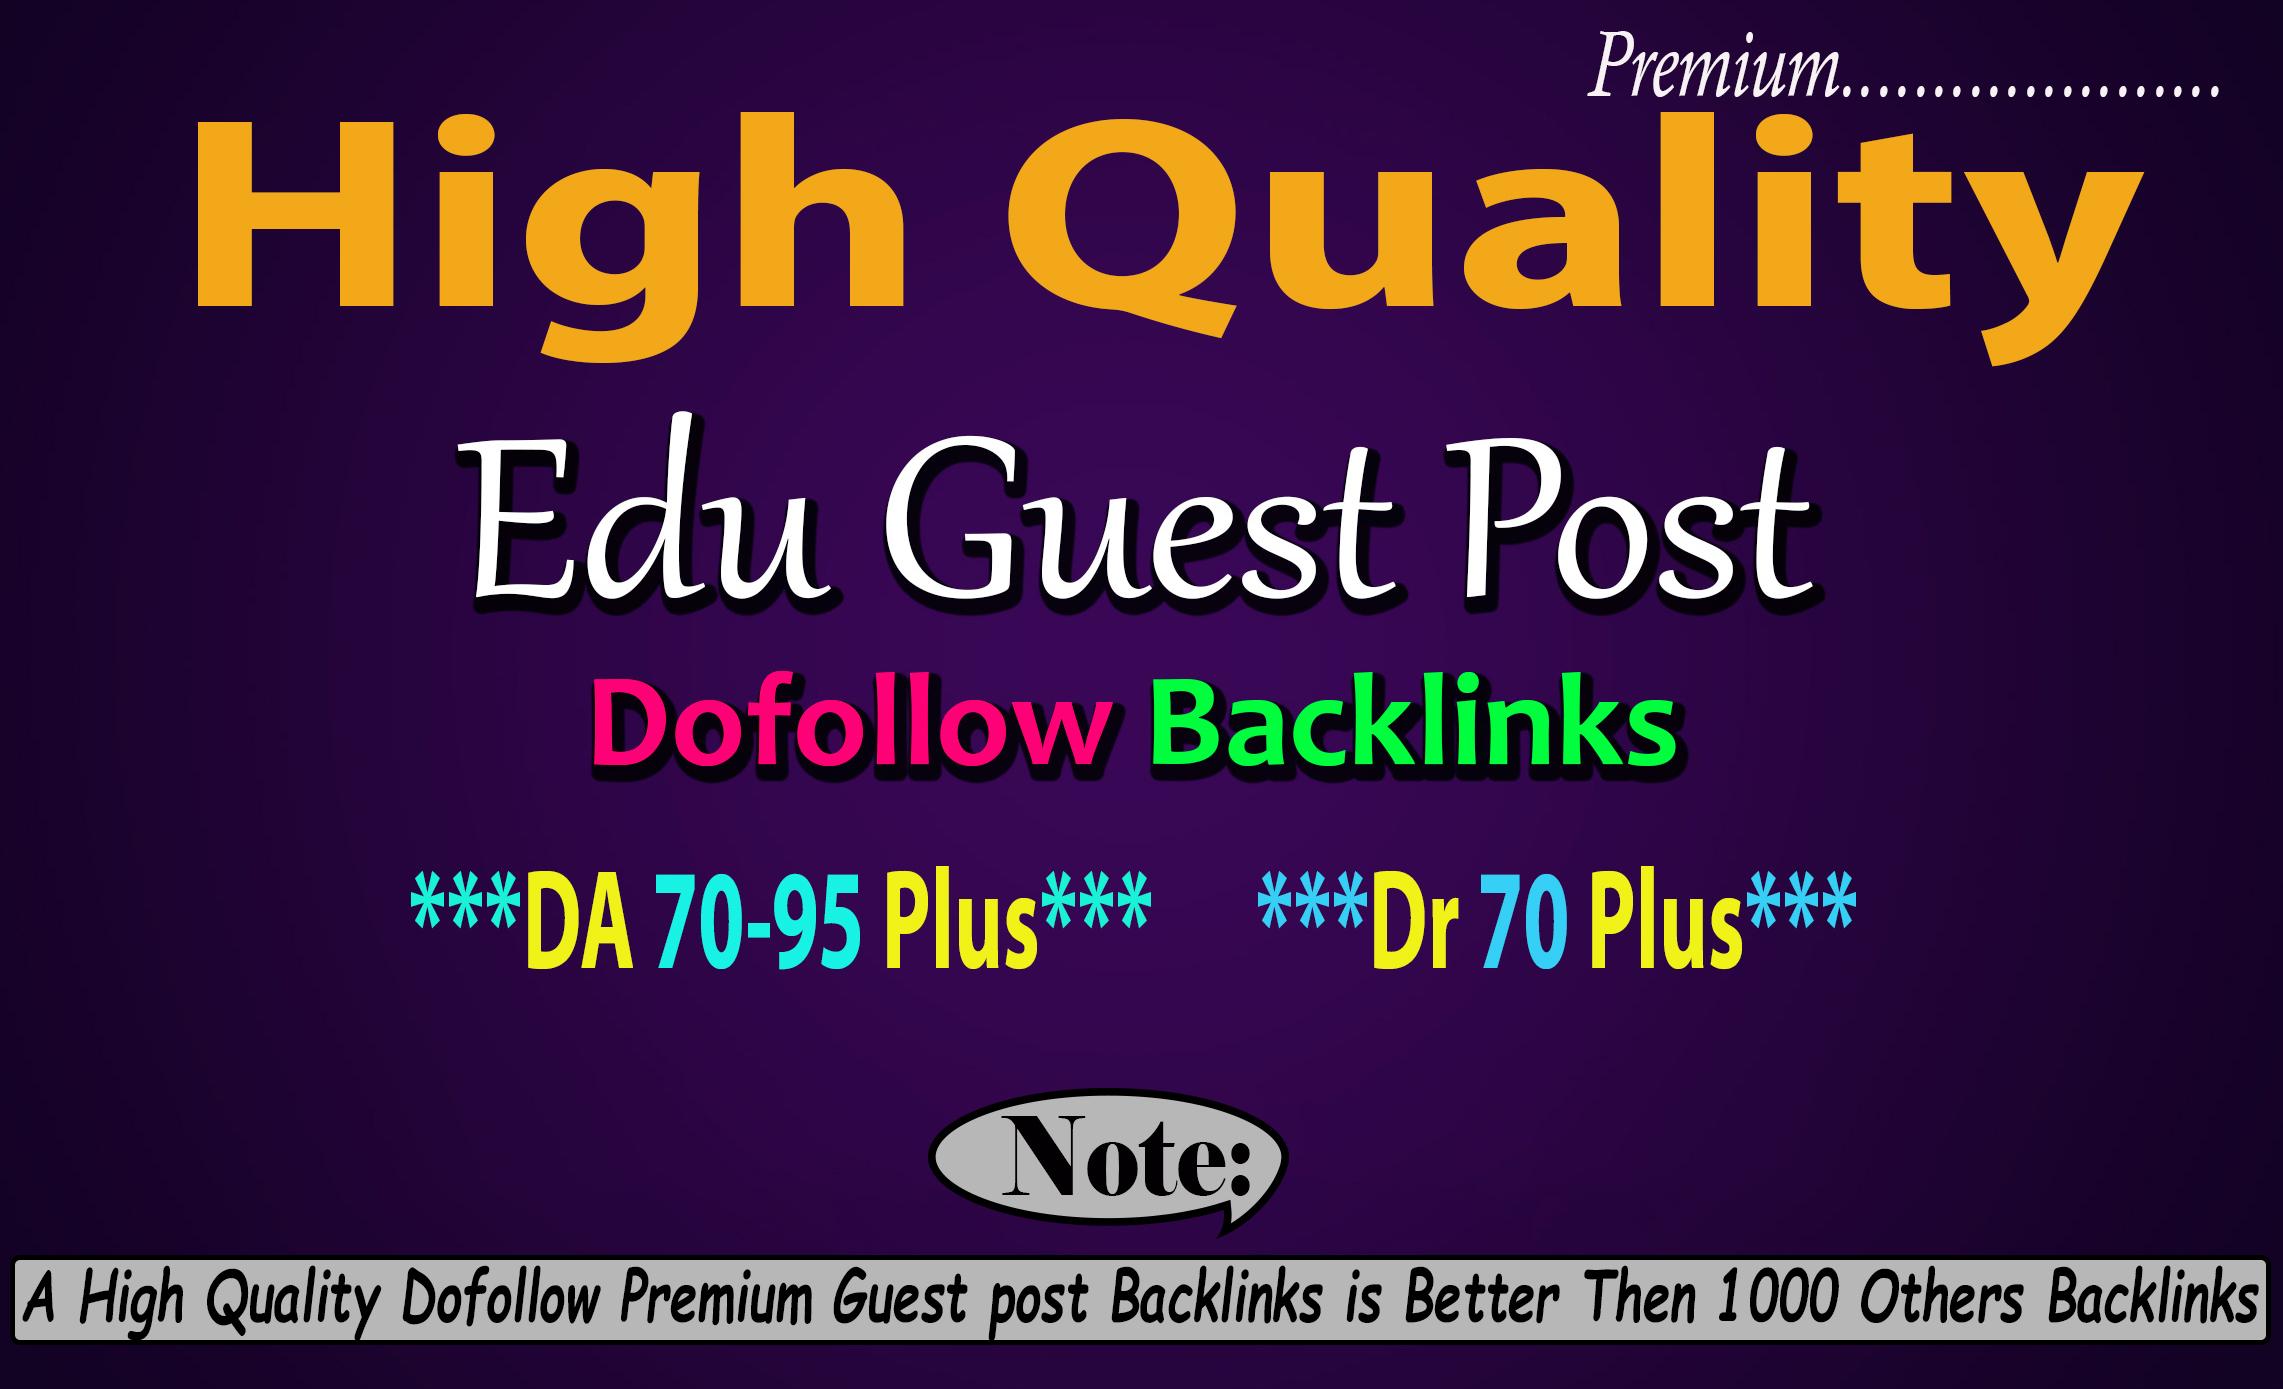 edu guest post,  dofollow backlink,  guest posting,  blog post,  da 90 plus, dr 70 plus